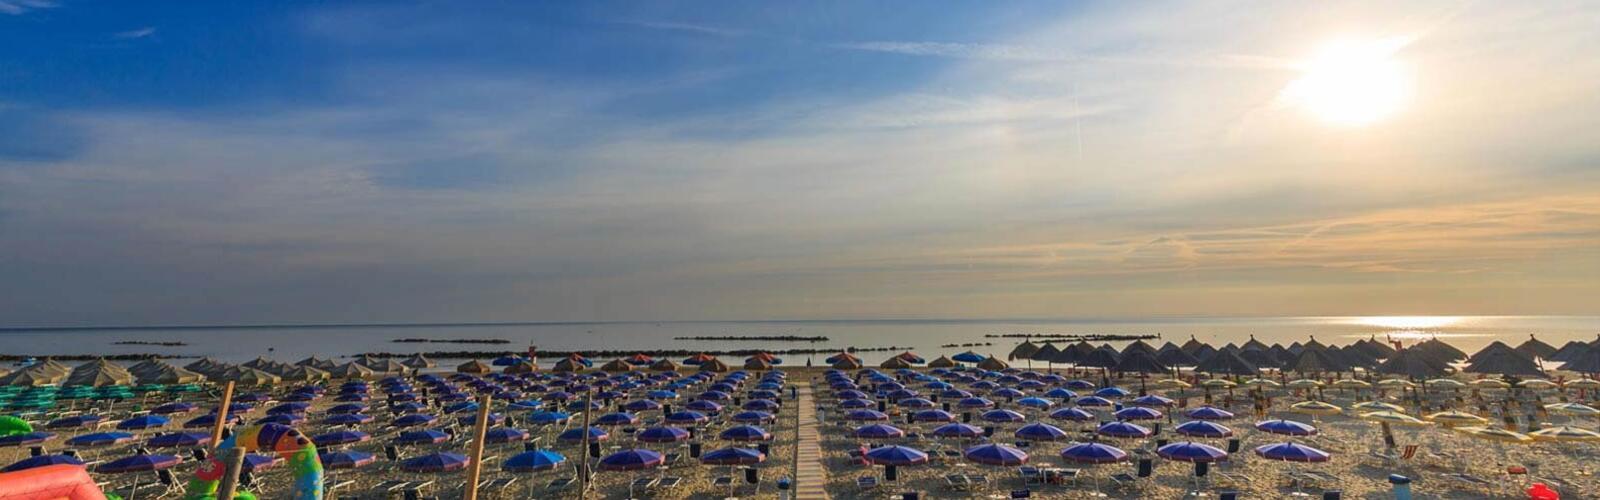 hotellaninfea it spiaggia 003